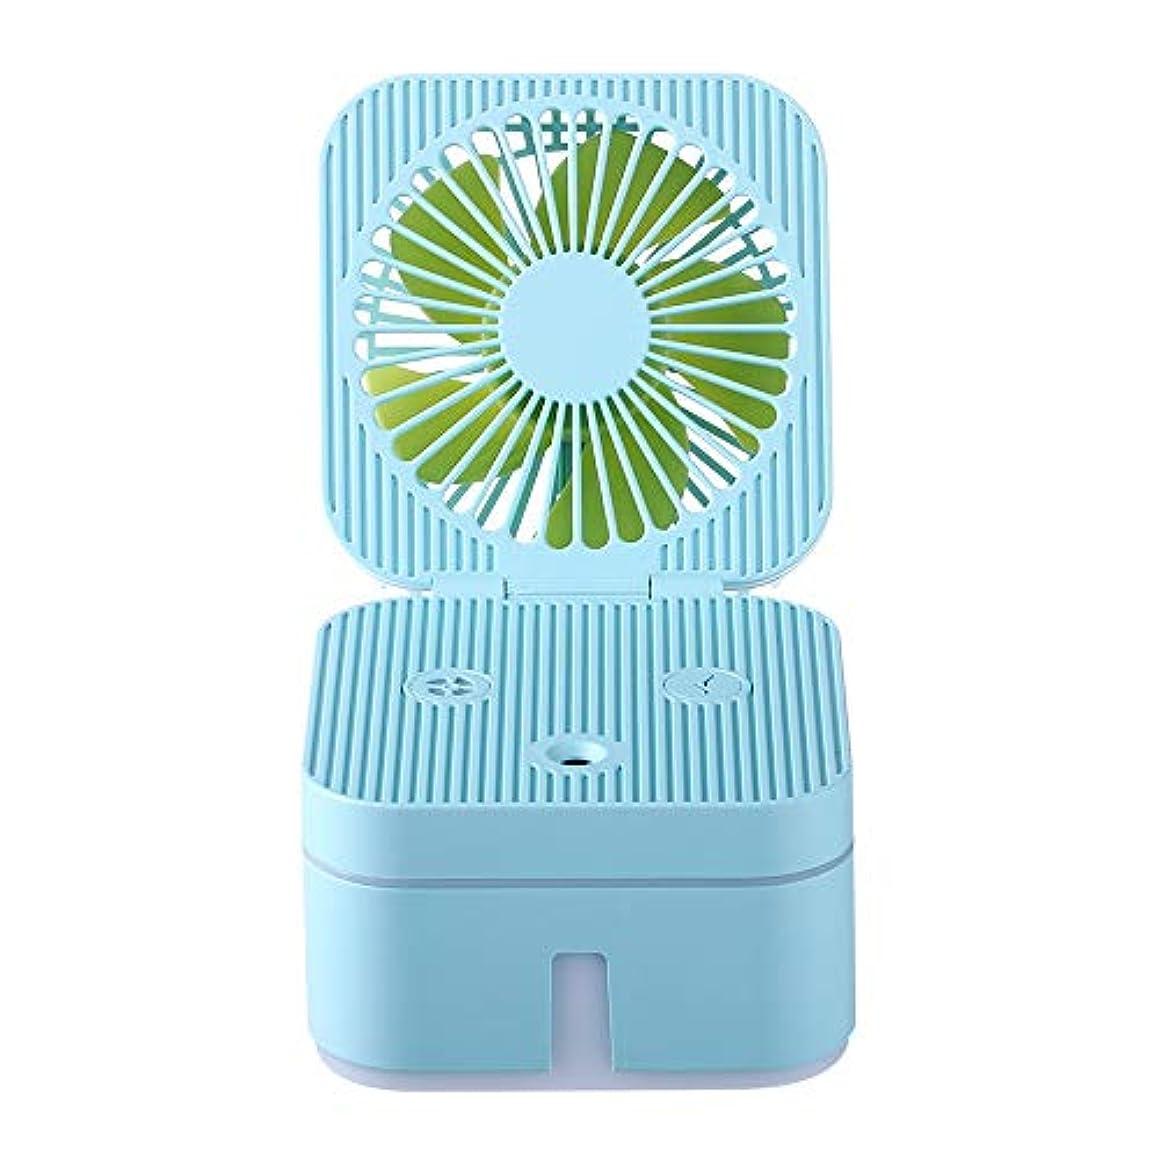 始める漫画別にZXF 容量保湿美容機器ABS素材USB充電加湿器ウォータースプレーメーターブルー 滑らかである